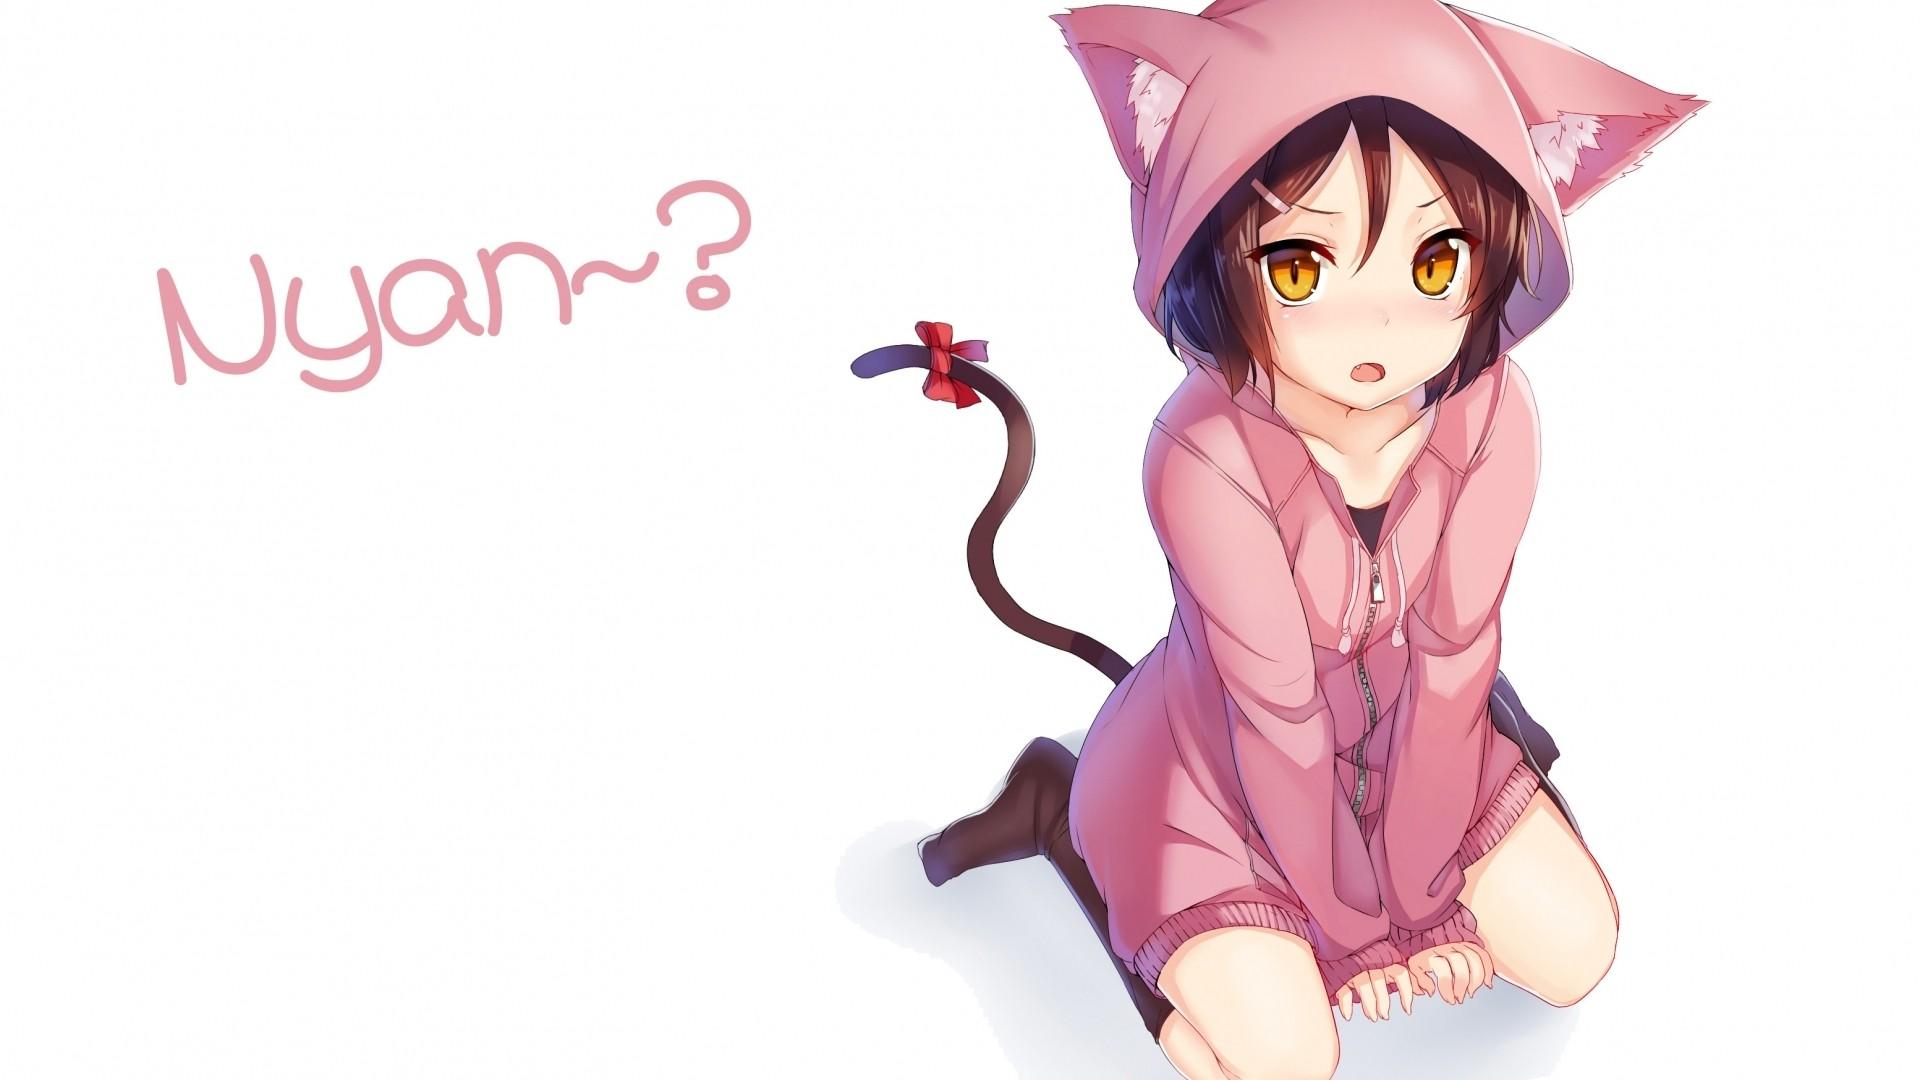 Hoodie Cute Anime Girl Desktop Wallpaper